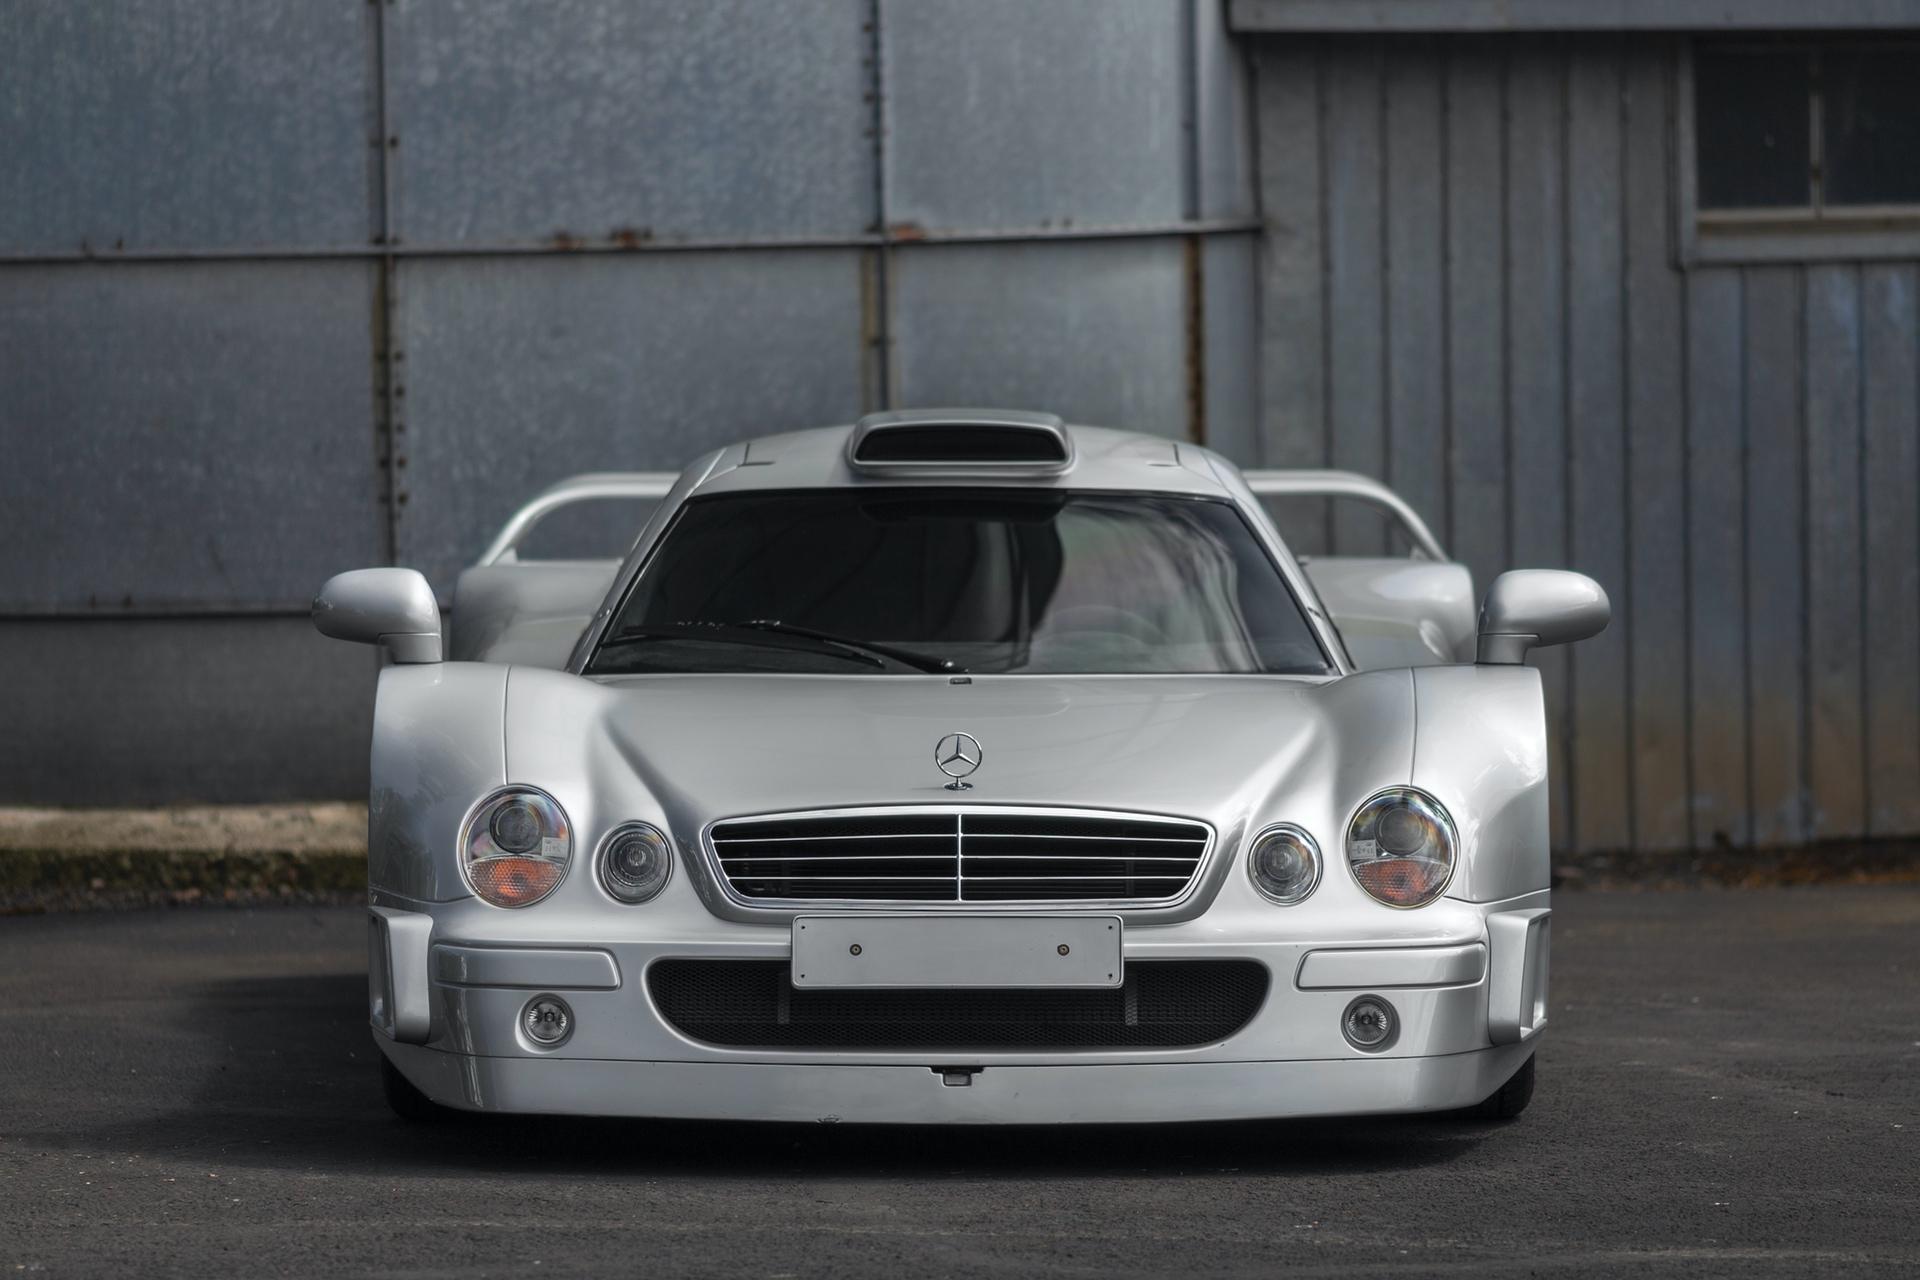 1998-Mercedes-Benz-AMG-CLK-GTR_8